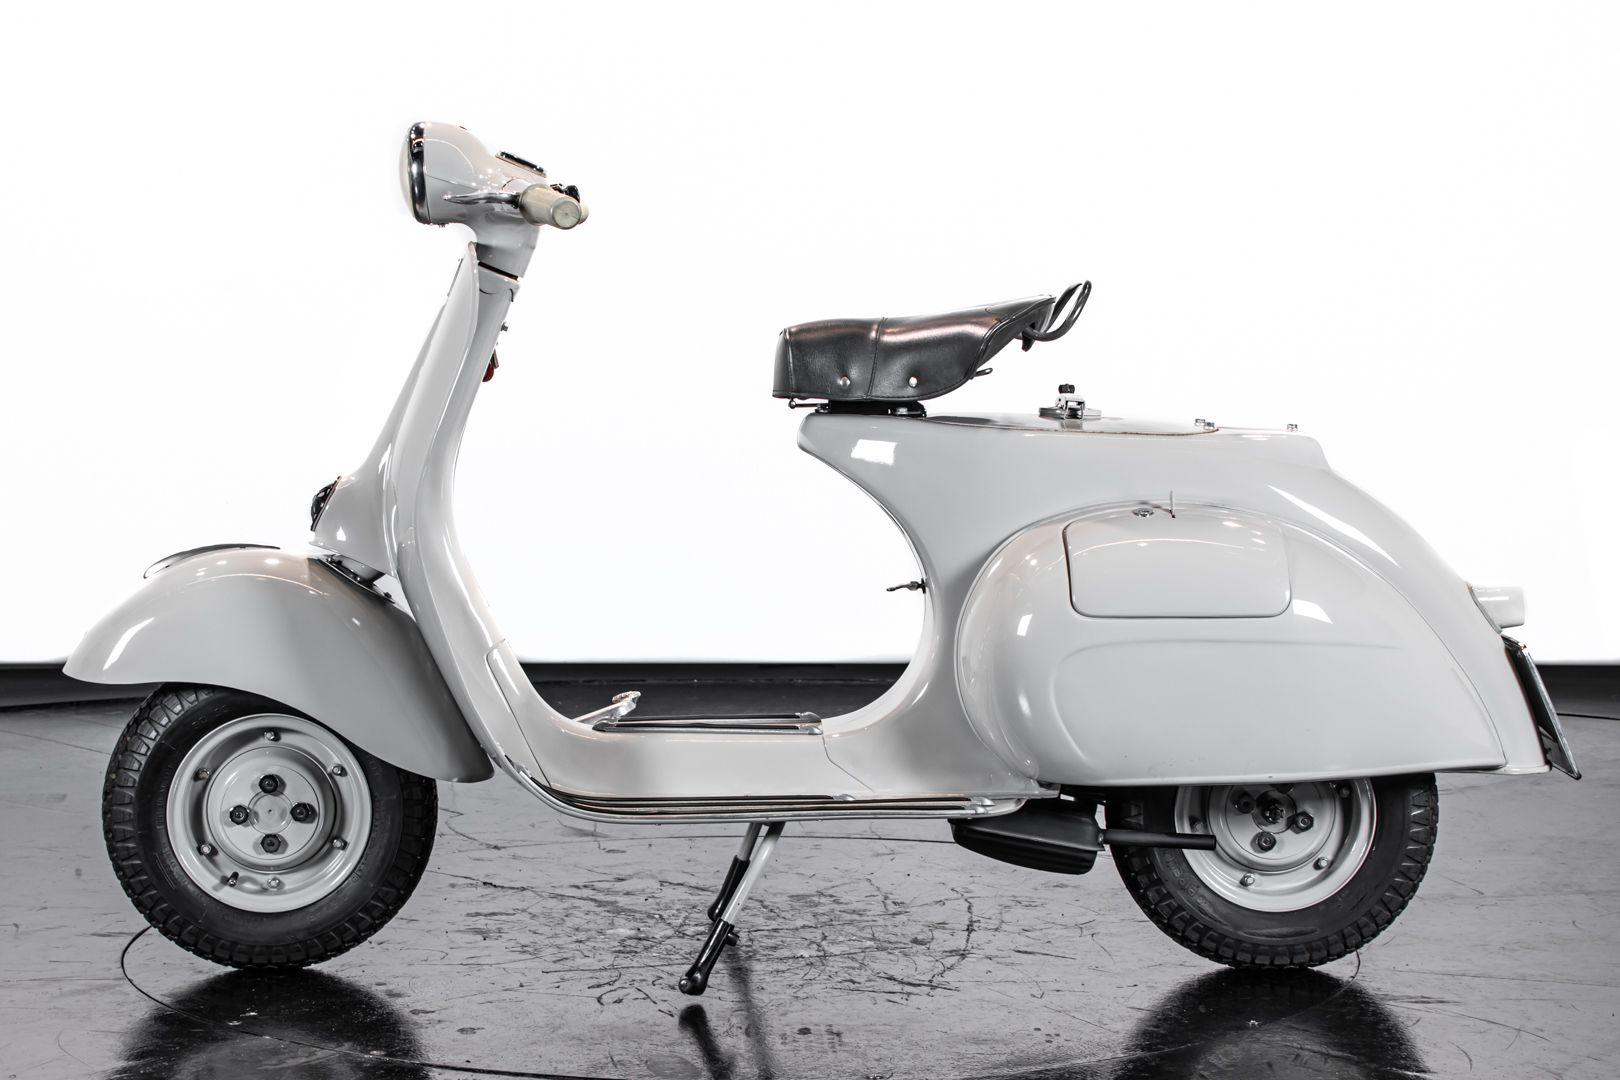 1958 Piaggio Vespa 125 72273